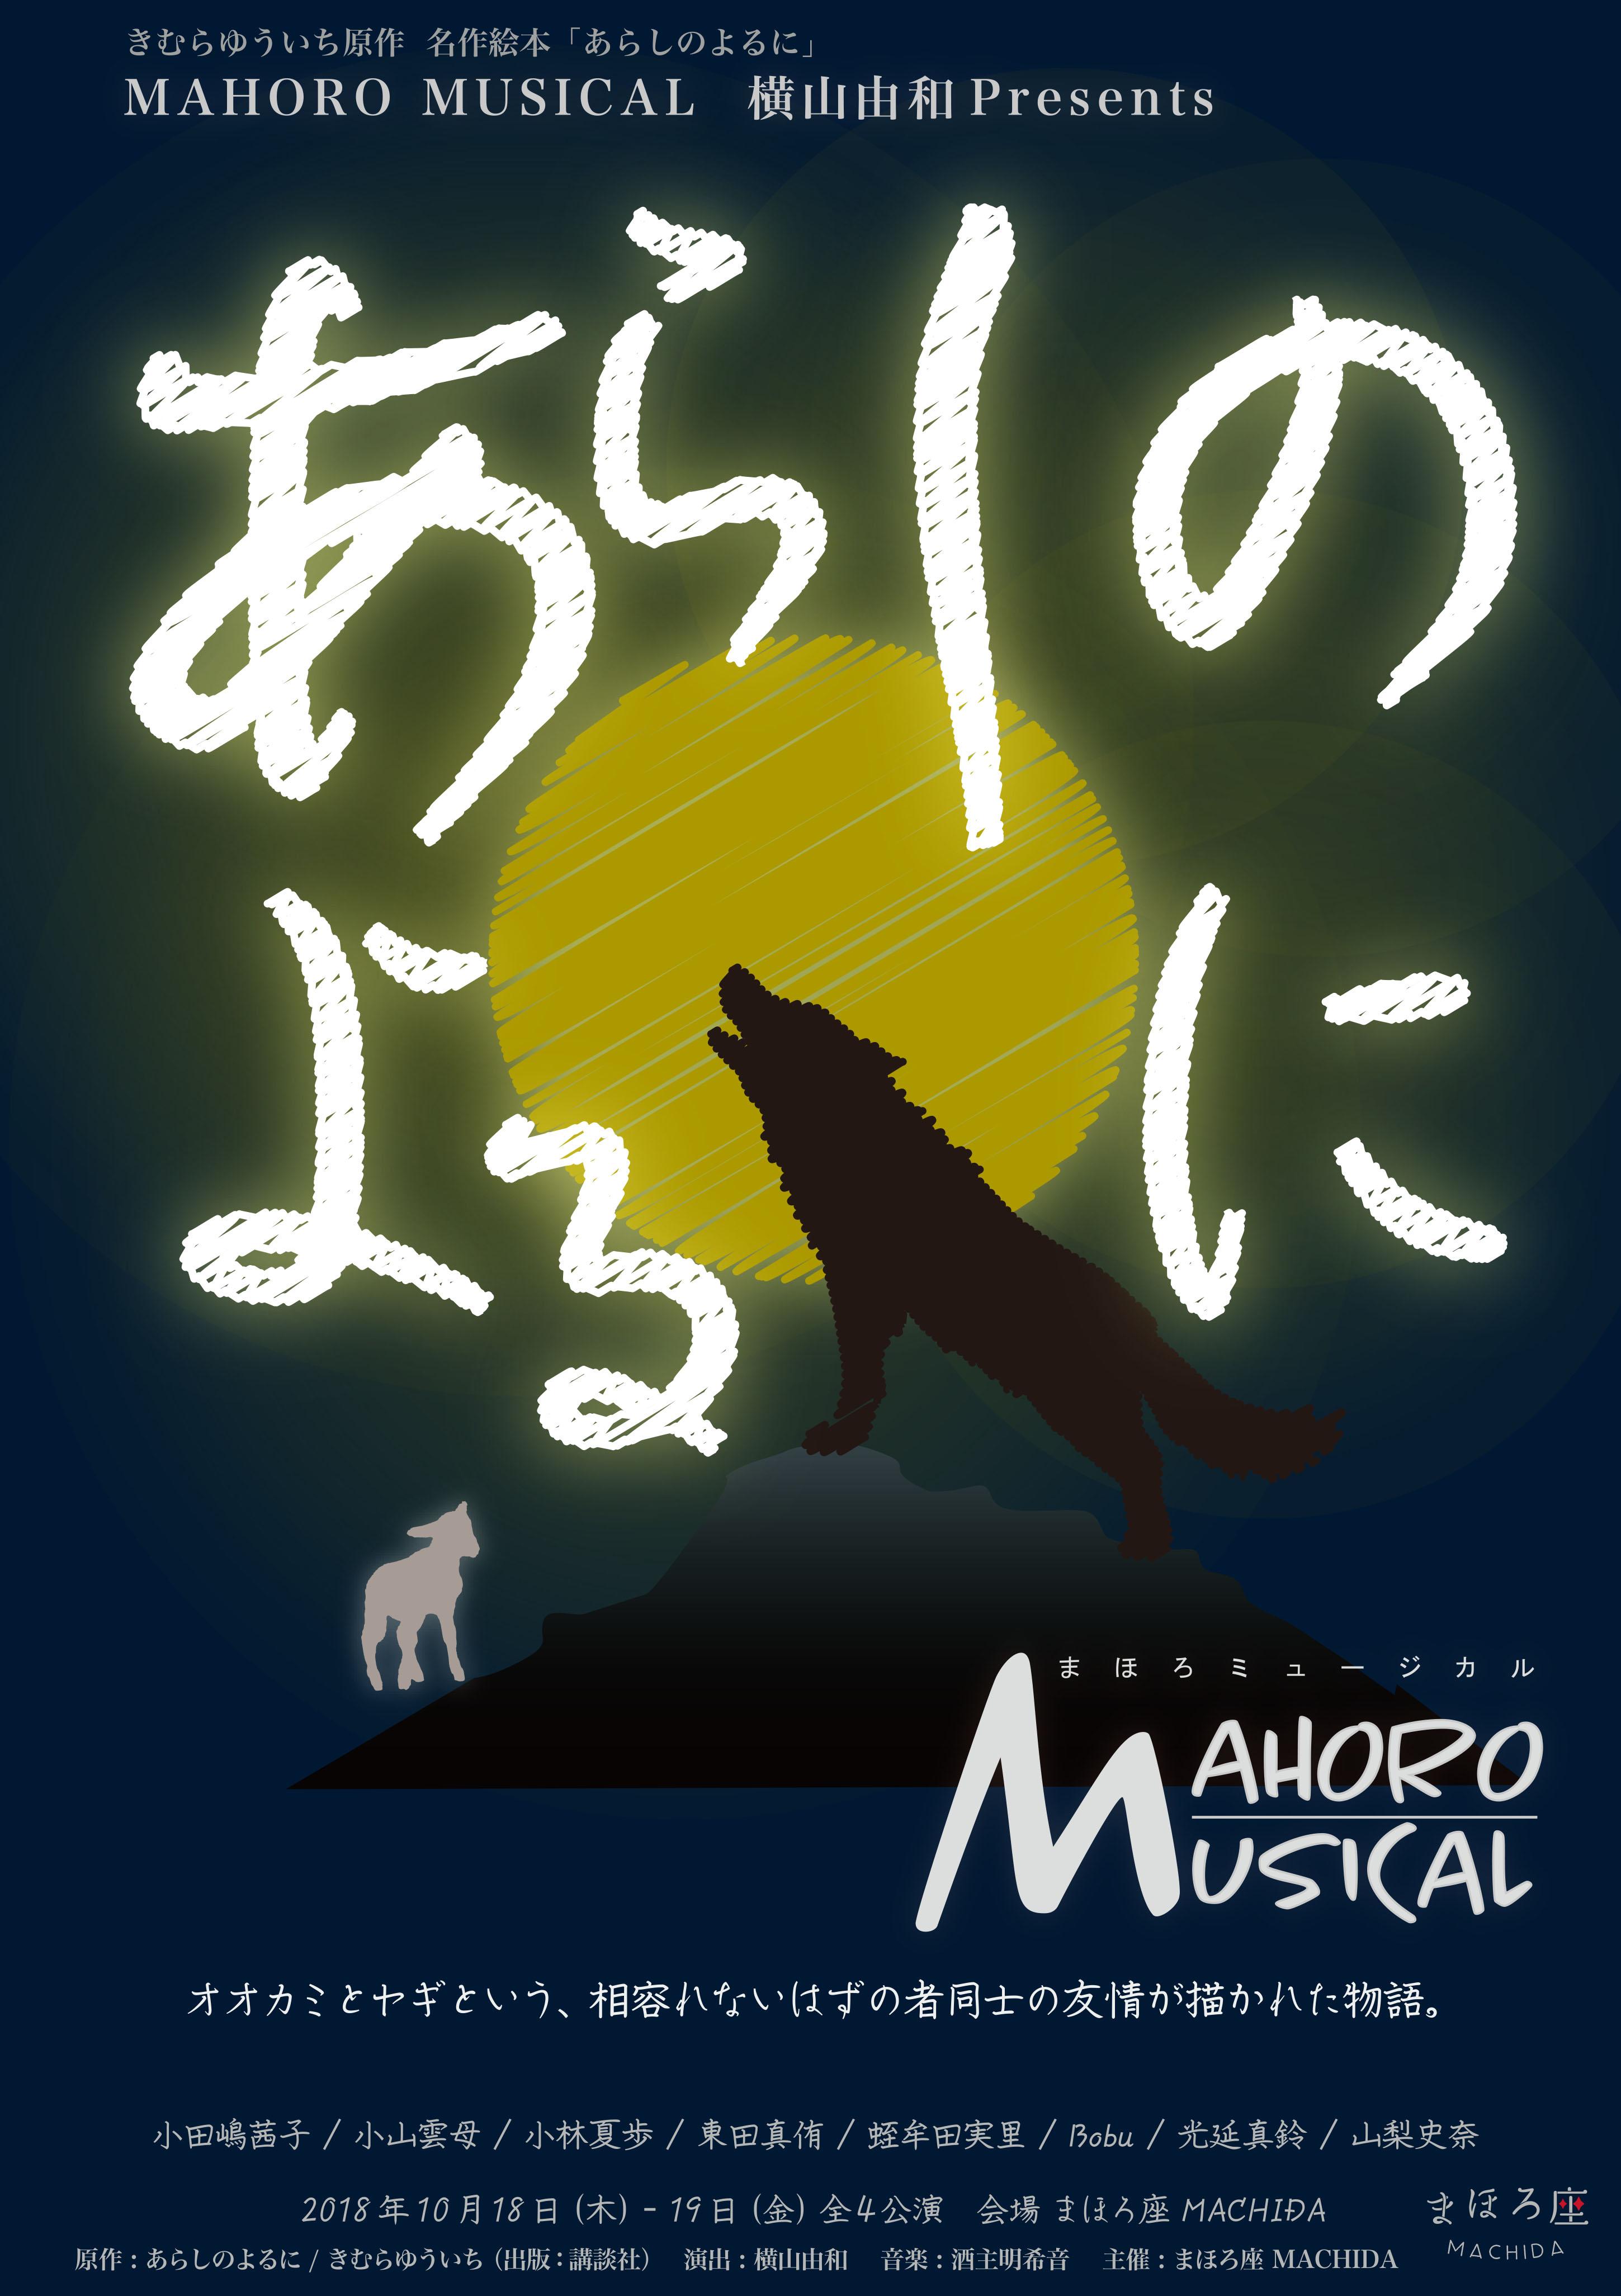 【19日夜】MAHORO MUSICAL 横山由和Presents 「あらしのよるに」